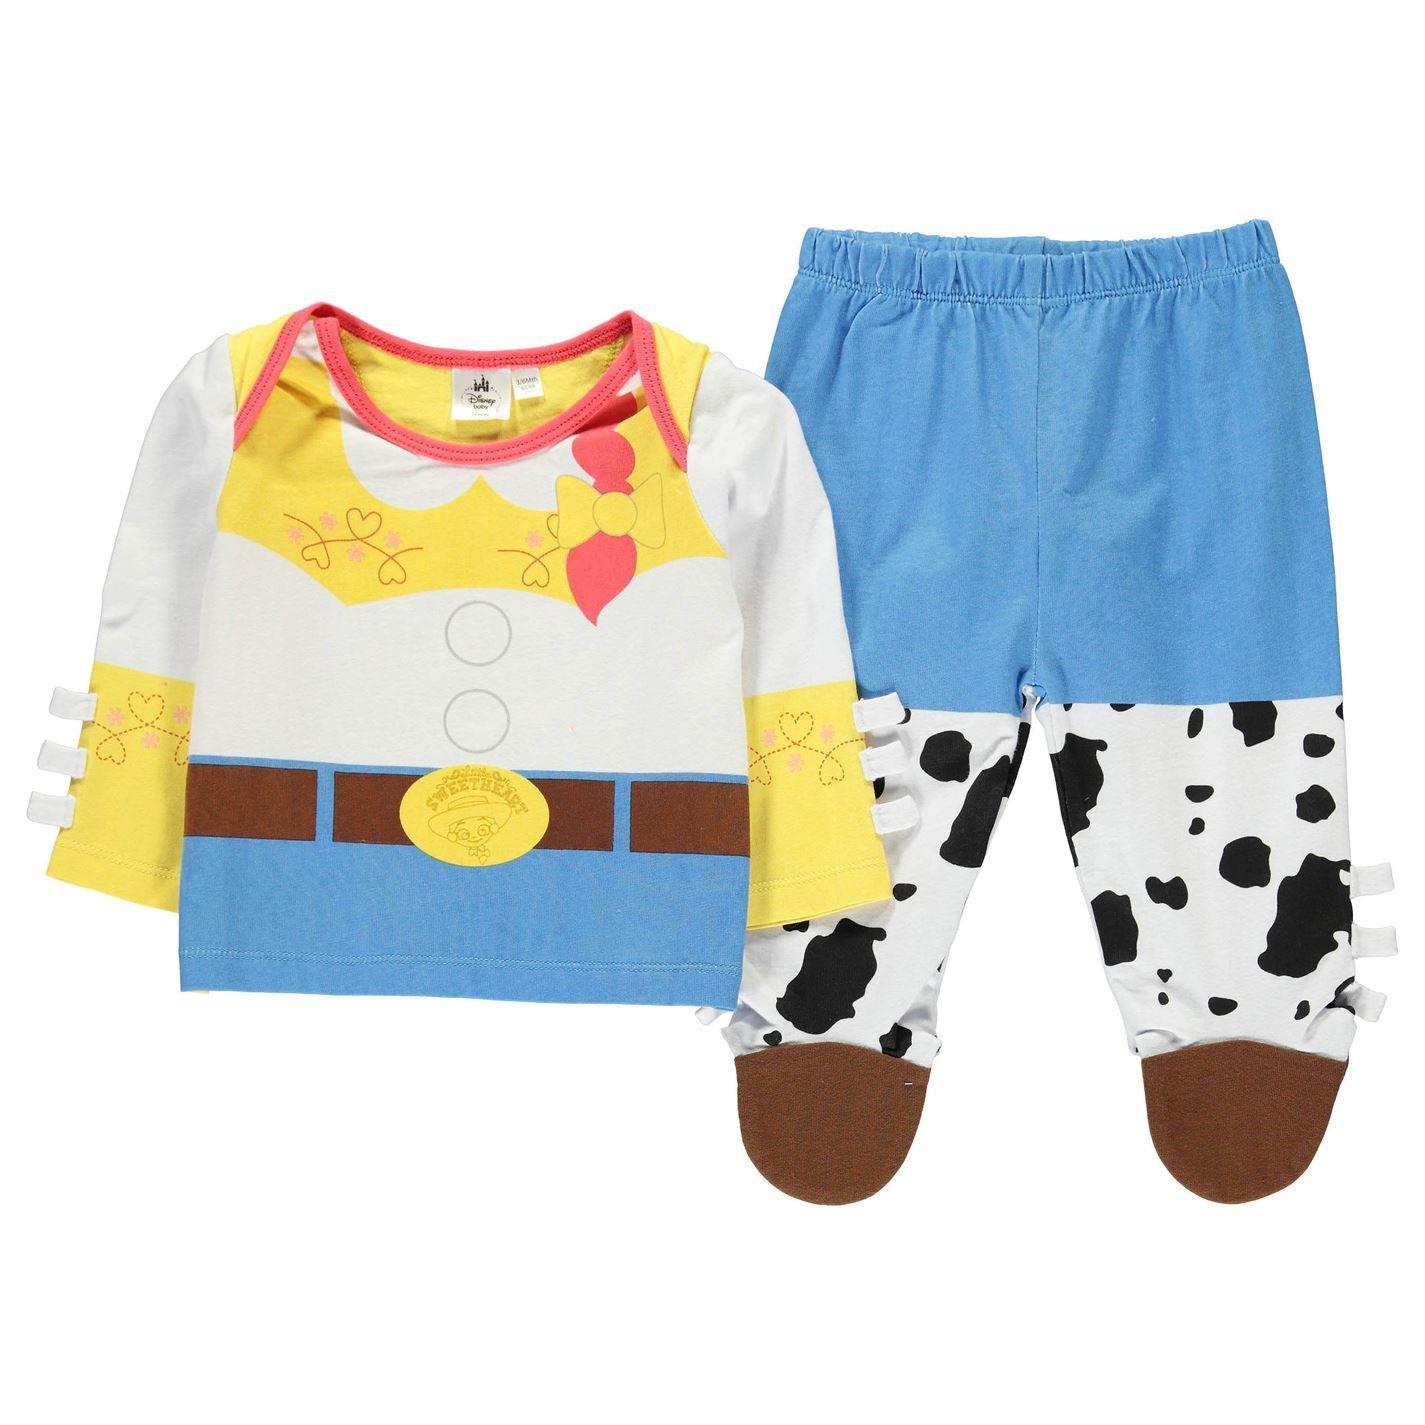 Disney Toy Story Jessie 2 Piece Pyjama Set Infant Baby Blue/WHT Pajama Sleepwear